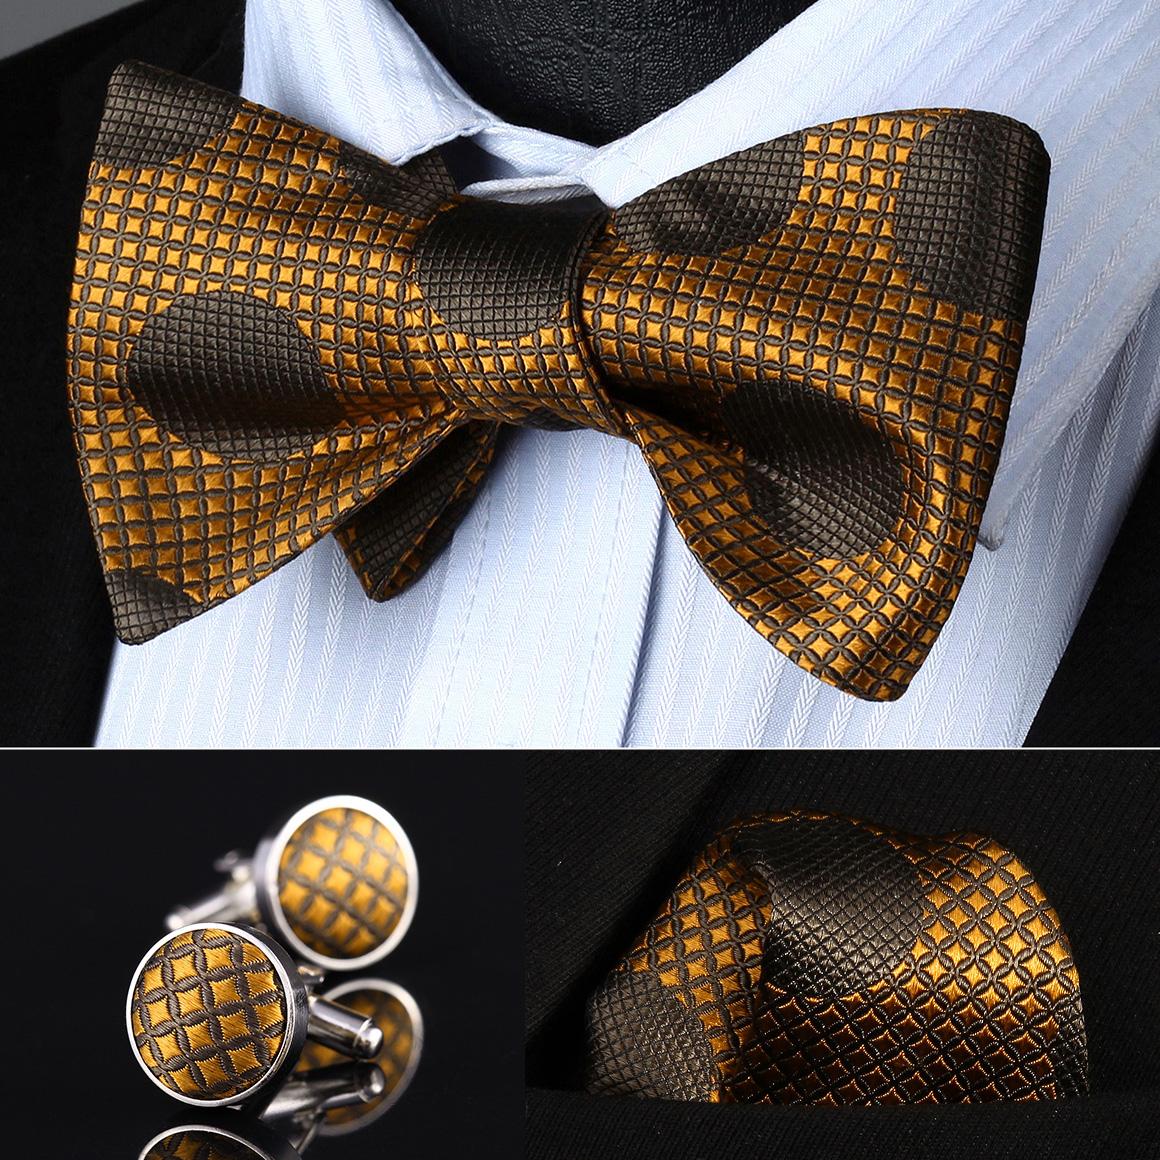 [해외]BZD01Z 오렌지 브라운 도트 남성 실크 셀프 보우 넥타이 손수건 커프스 단추 세트 정사각형 클래식 파티 파티 결혼식/BZD01Z Orange Brown Dot Men Silk Self Bow Tie handkerchief Cufflinks set Pocket